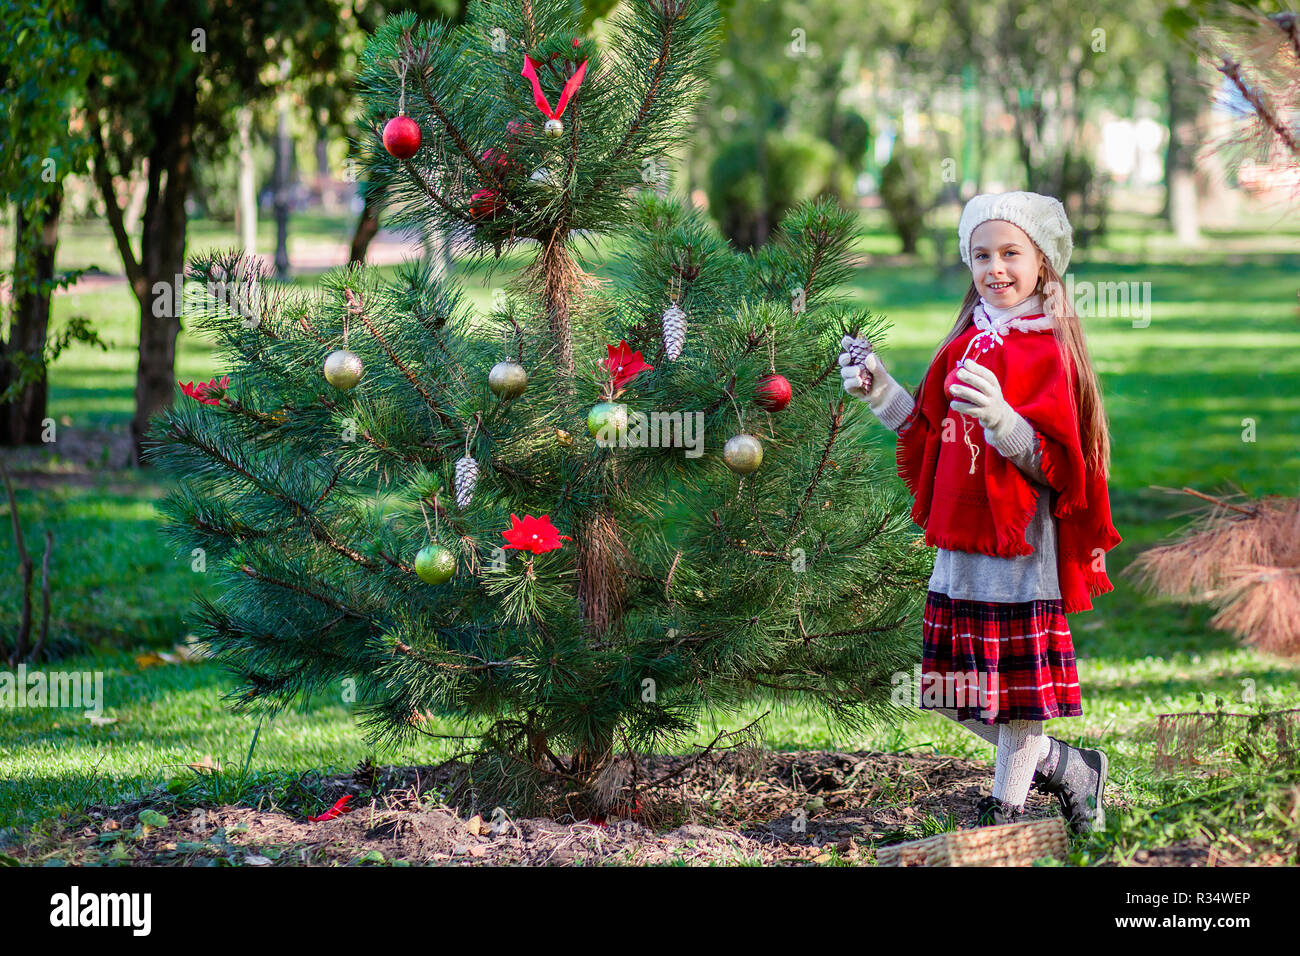 Tannenbaum Draußen Schmücken.Süße Mädchen Schmücken Den Weihnachtsbaum Draußen Im Hof Vor Dem